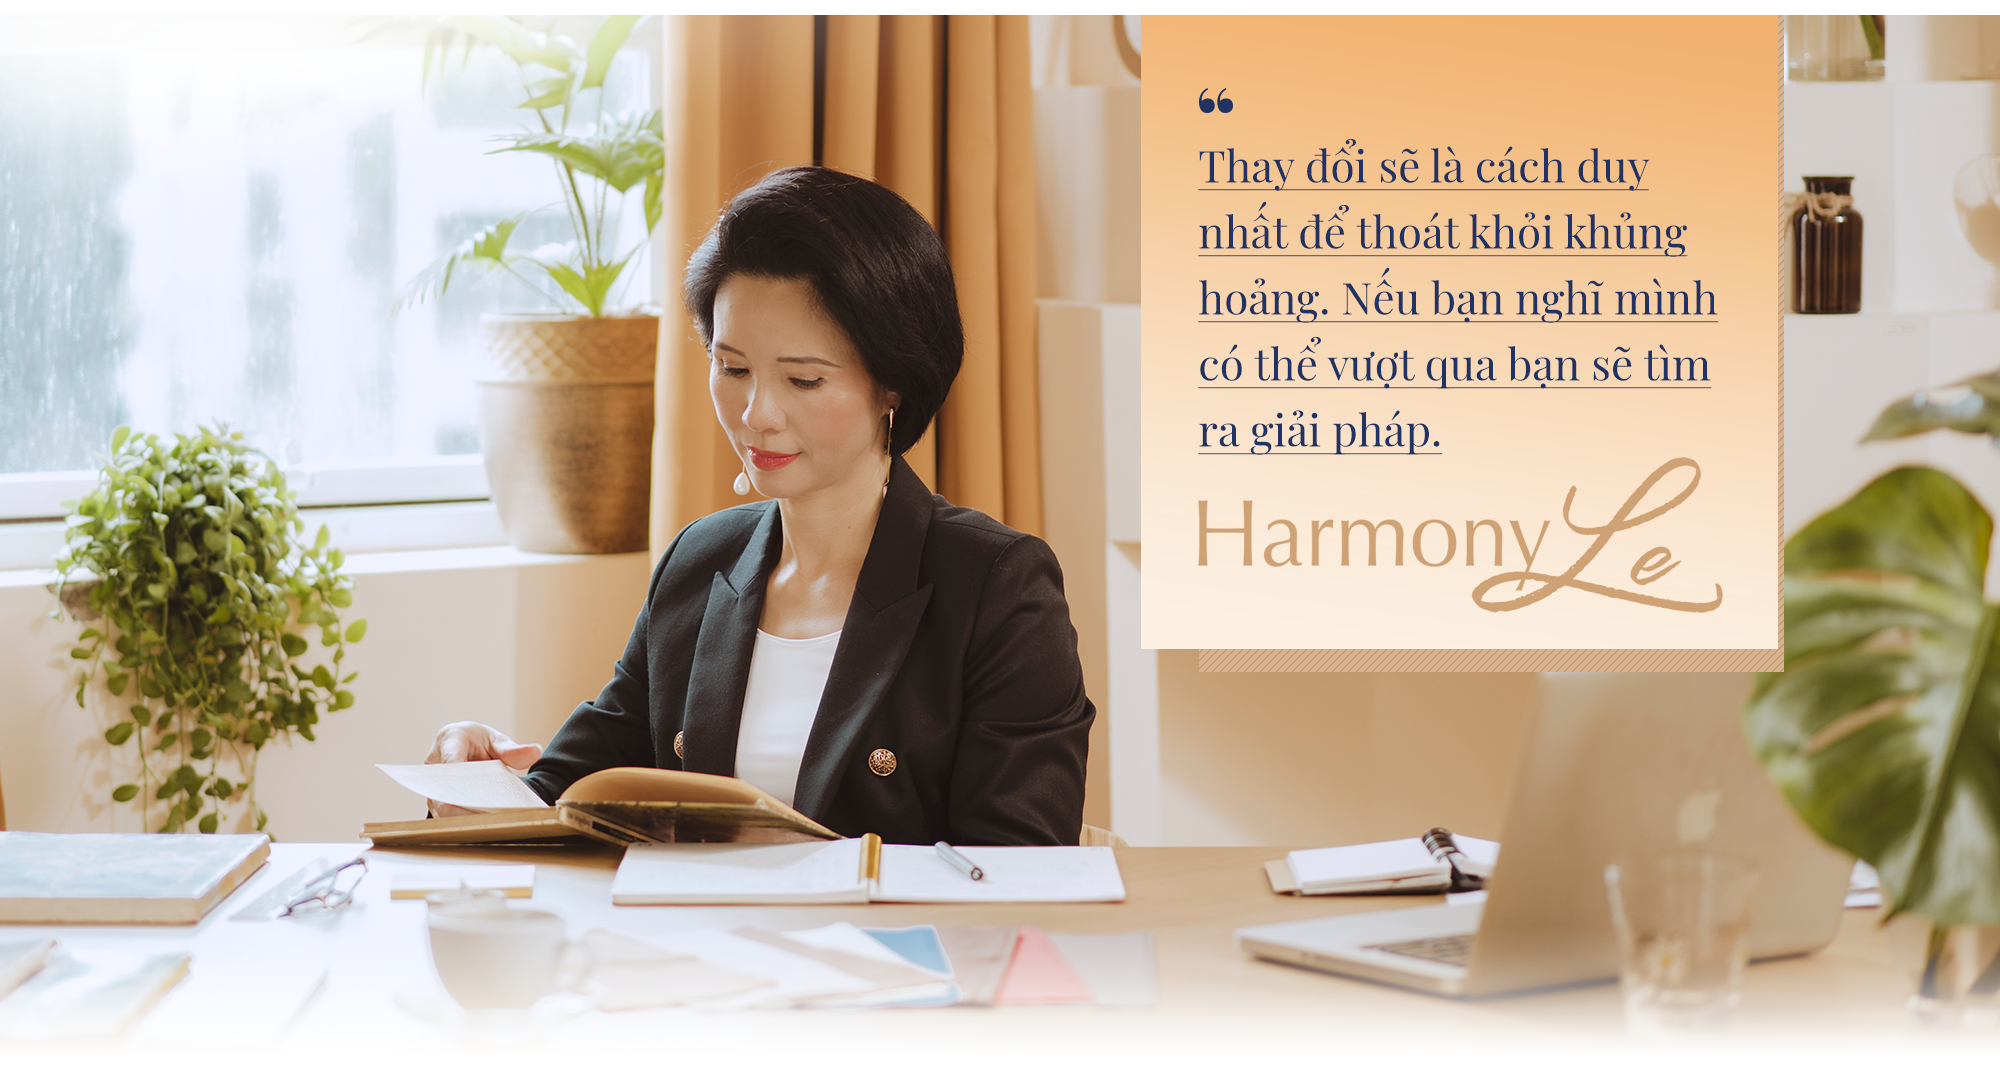 """Harmony Le – CEO Free To Fly: """"Tận dụng cơ hội từ đại dịch Covid – 19 như một đòn bẩy giúp bạn tiến xa hơn"""" - Ảnh 4."""